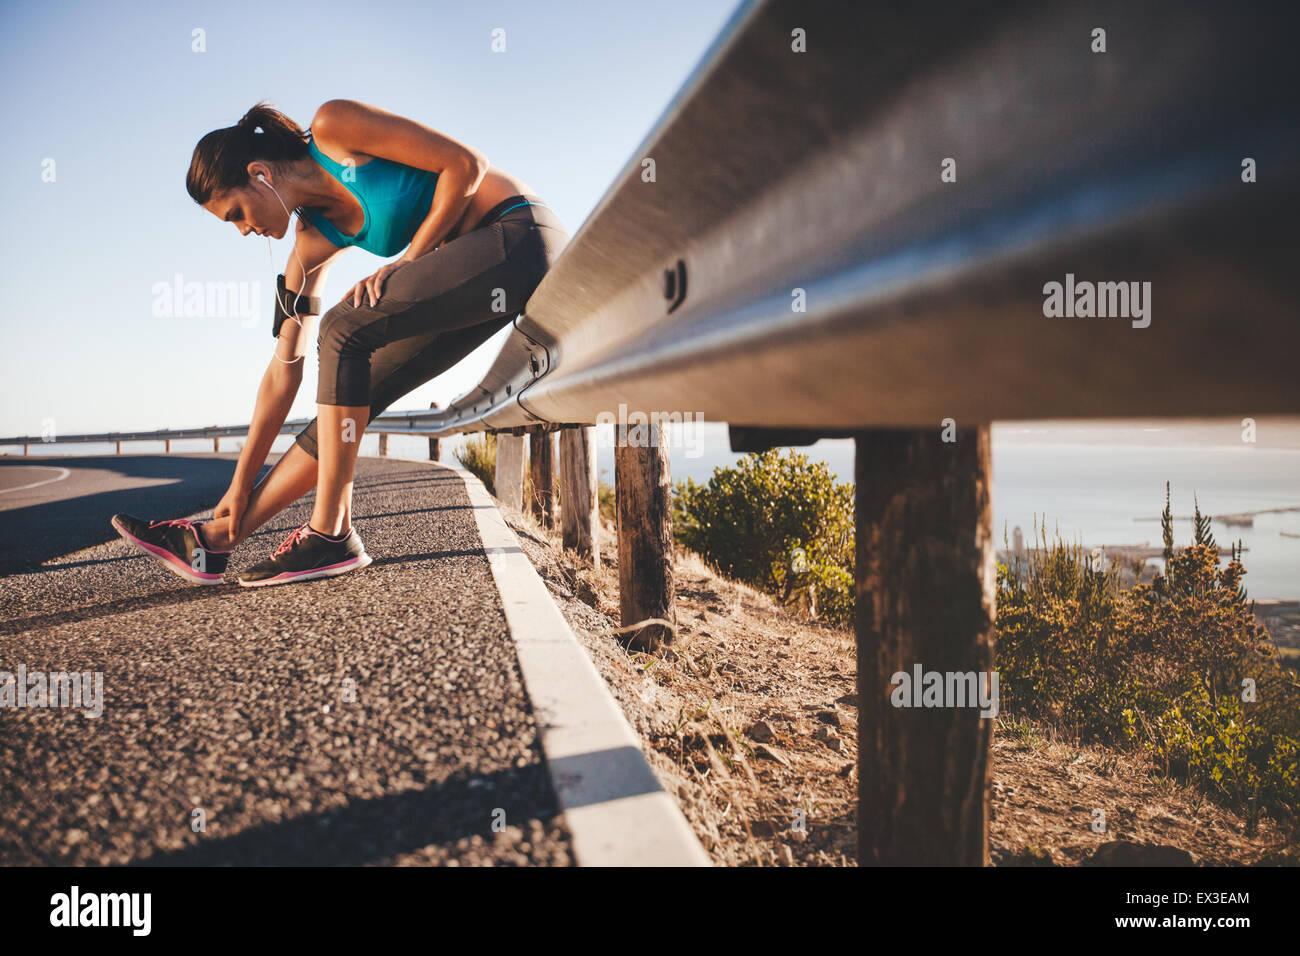 Femme sport s'étend sa jambe suite à l'utilisation de l'extérieur. Athlète féminin Photo Stock